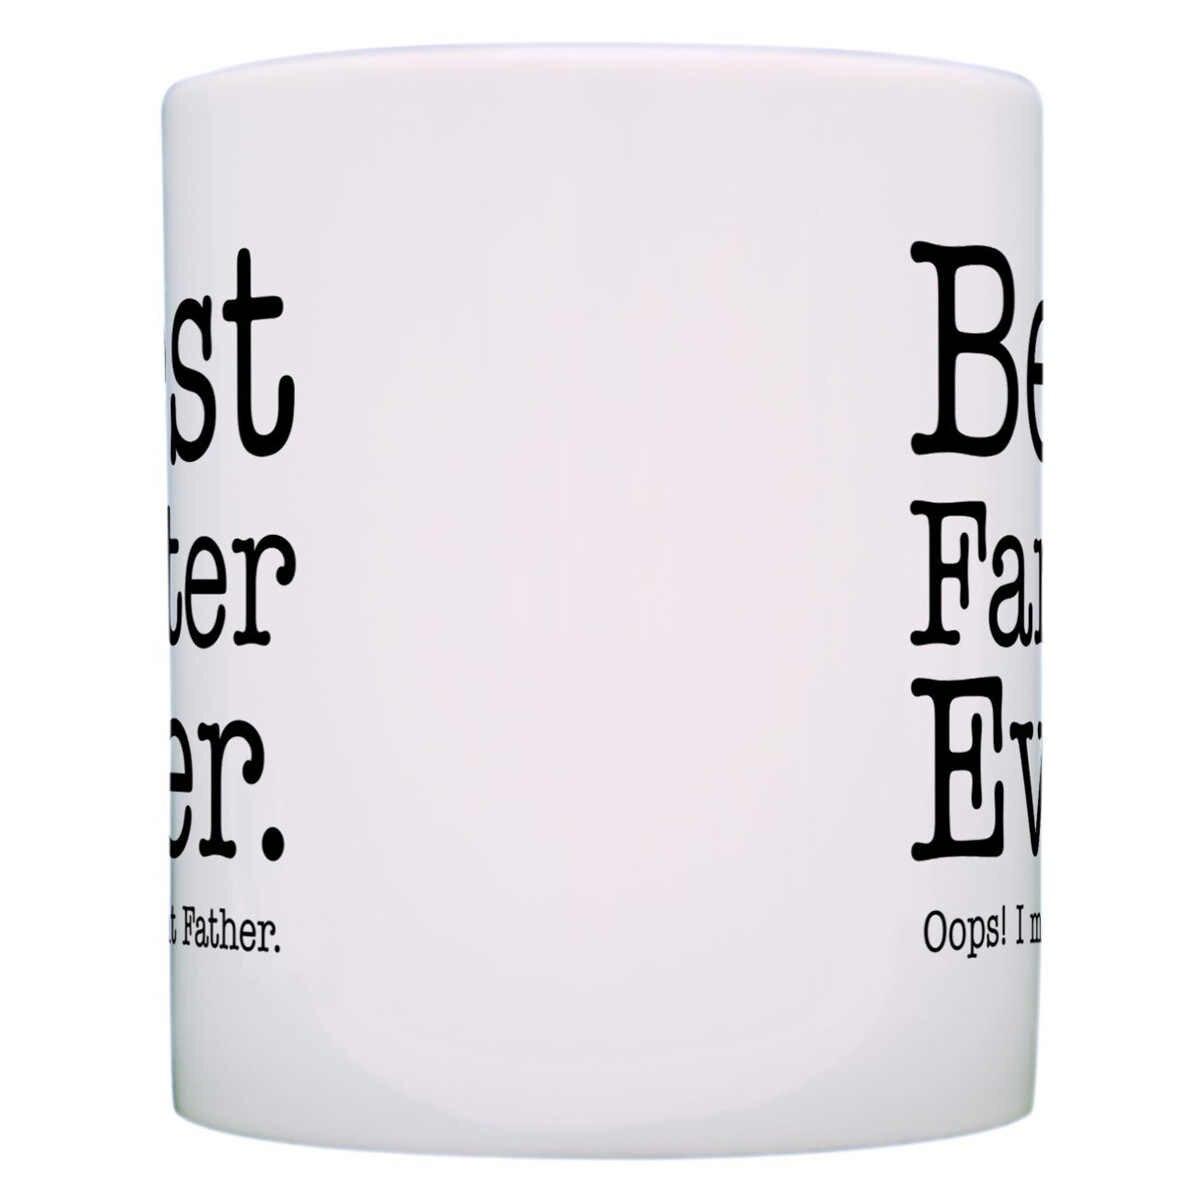 Hari ayah Hadiah Kopi Teh Mug Cangkir Susu Jus Mug untuk Ayah ayah Terbaik Pernah Dimaksudkan Oops Farter Unik Hadiah Rumah Kantor Drinkware